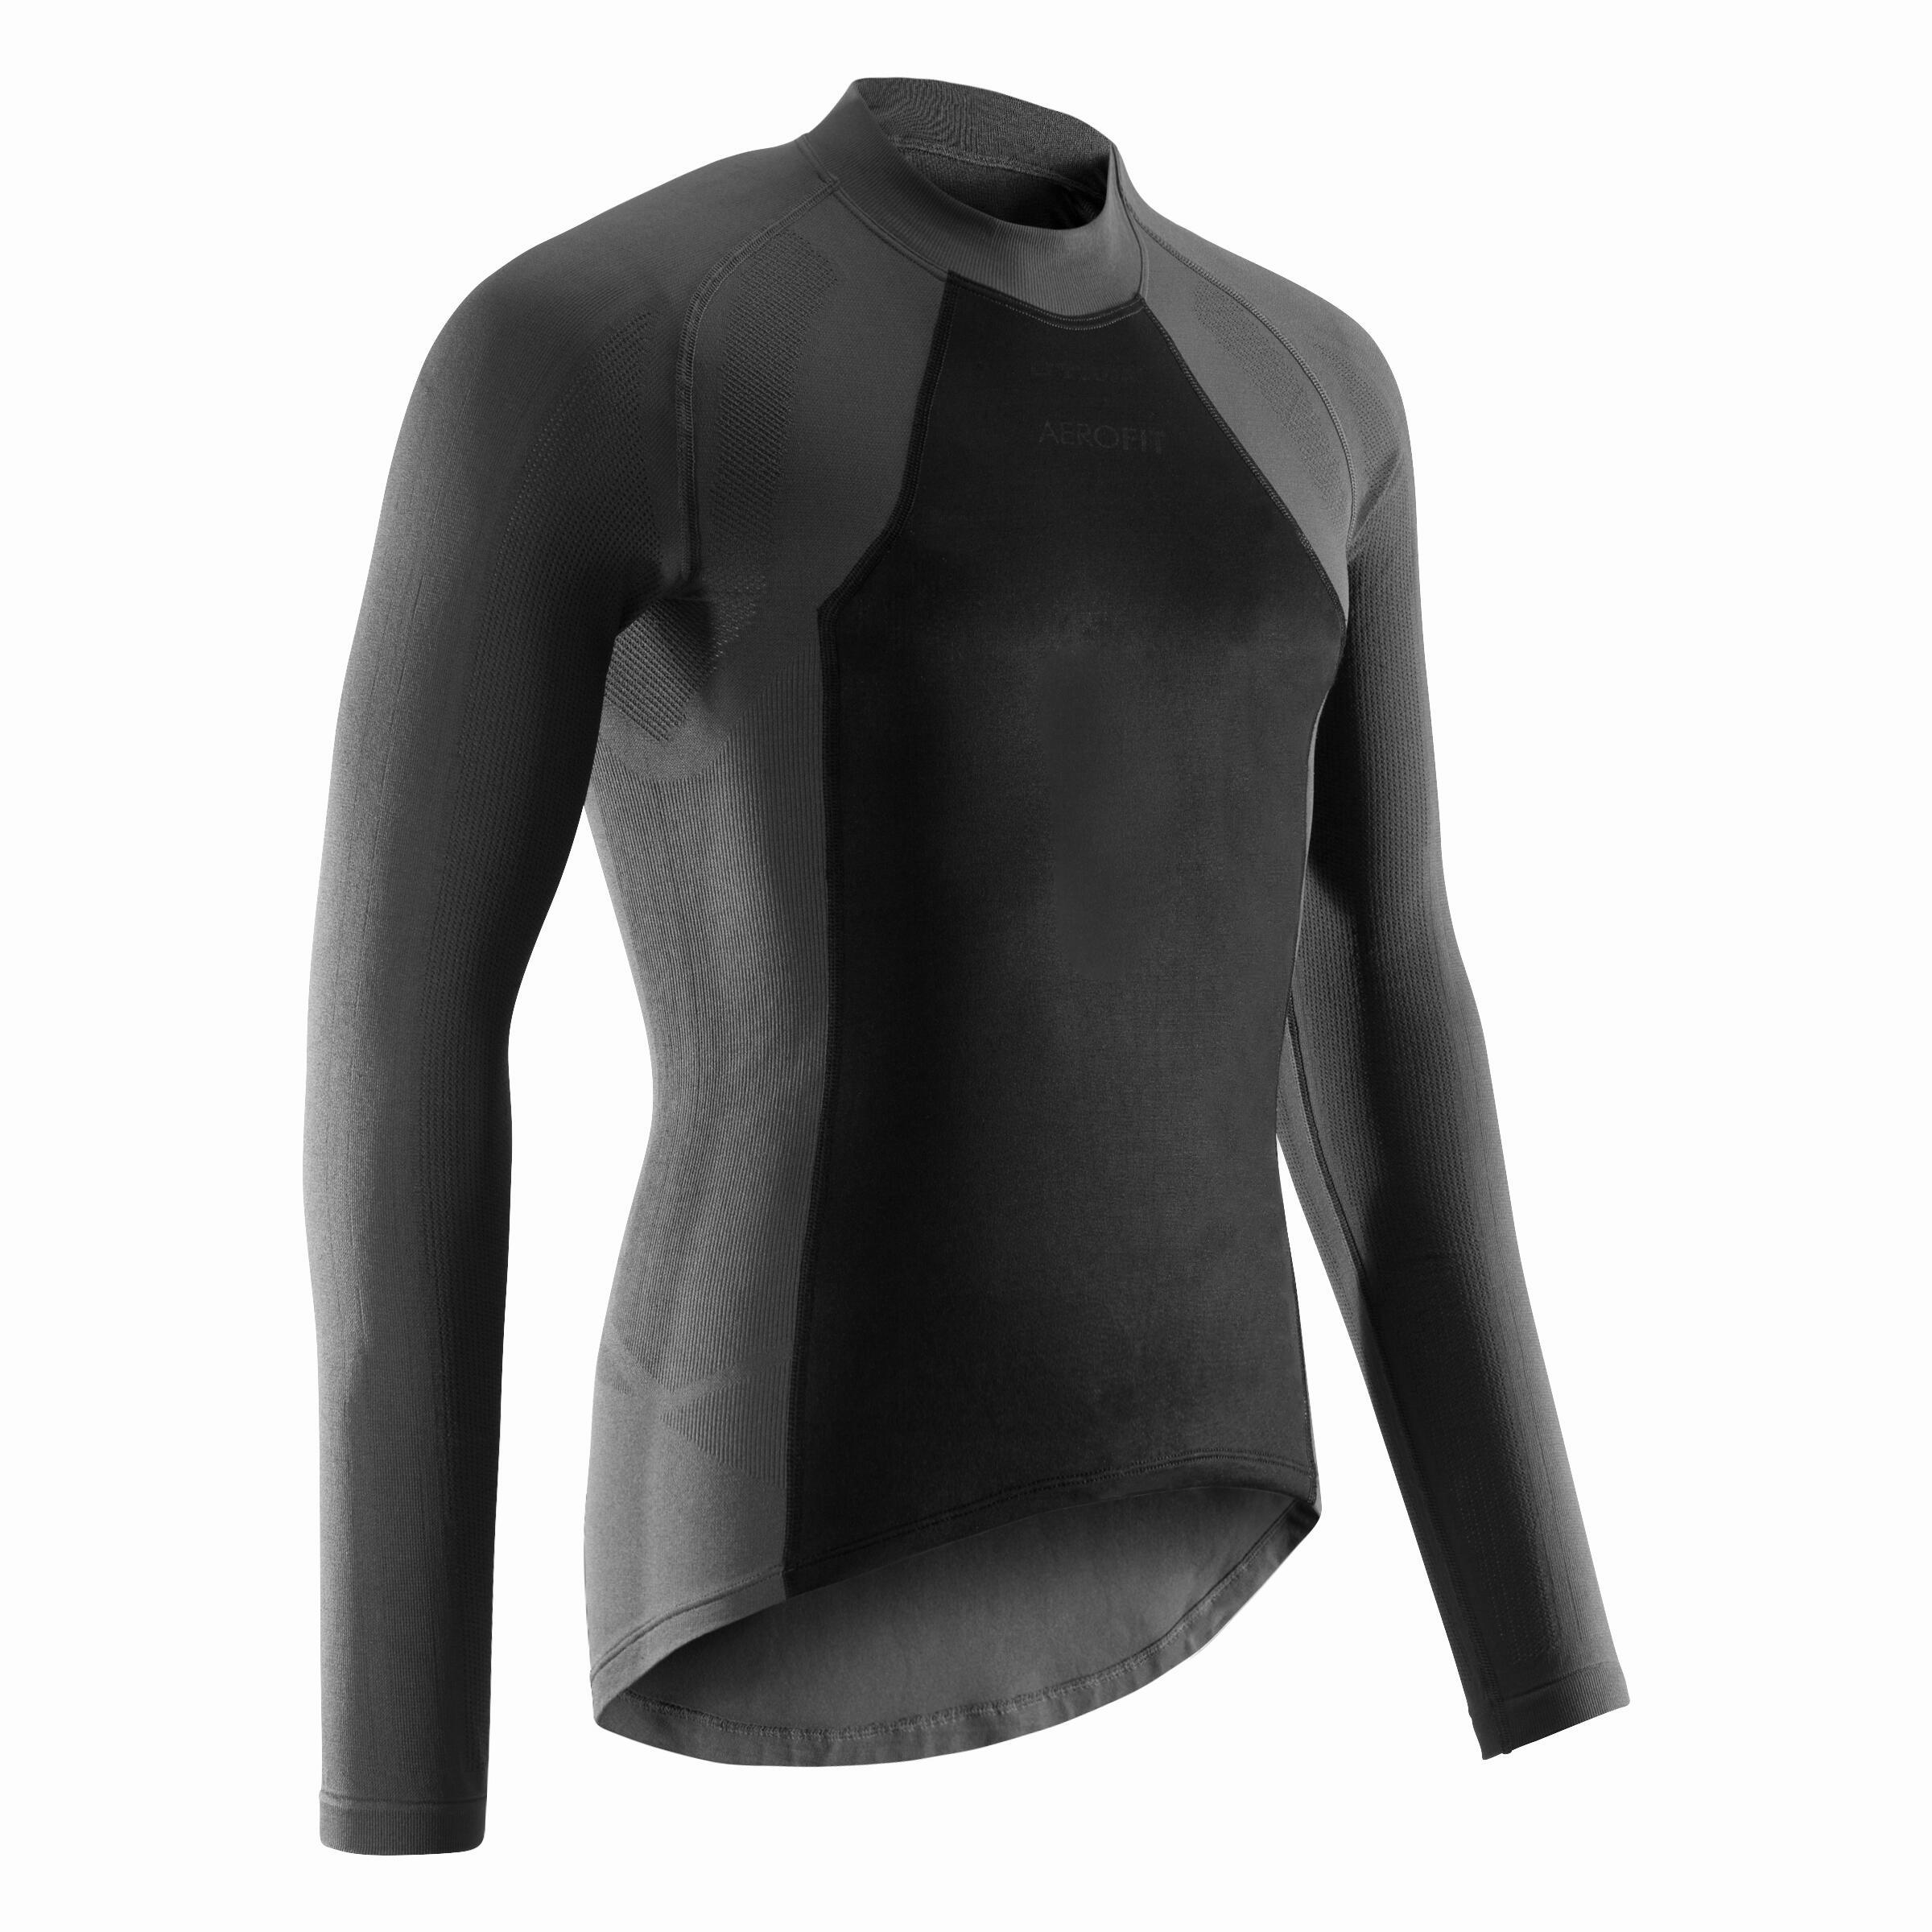 Fahrrad-Unterwäsche Langarm-Funktionsshirt Herren | Sportbekleidung > Funktionswäsche | Grau | B´twin